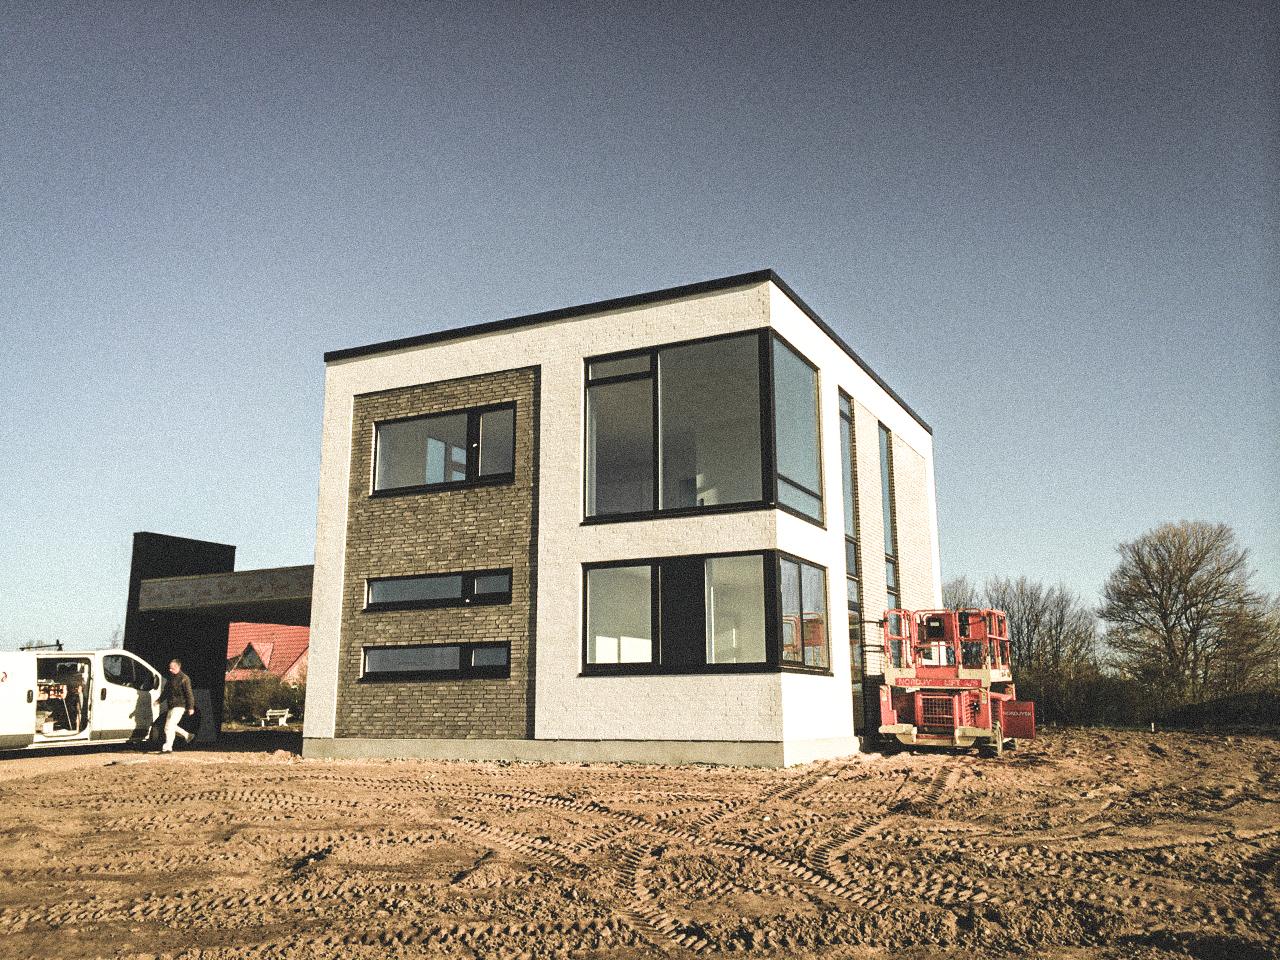 Billede af et igangværende byggeri i Hinnerup/Aarhus, tegnet af arkitektfirmaet m2plus.